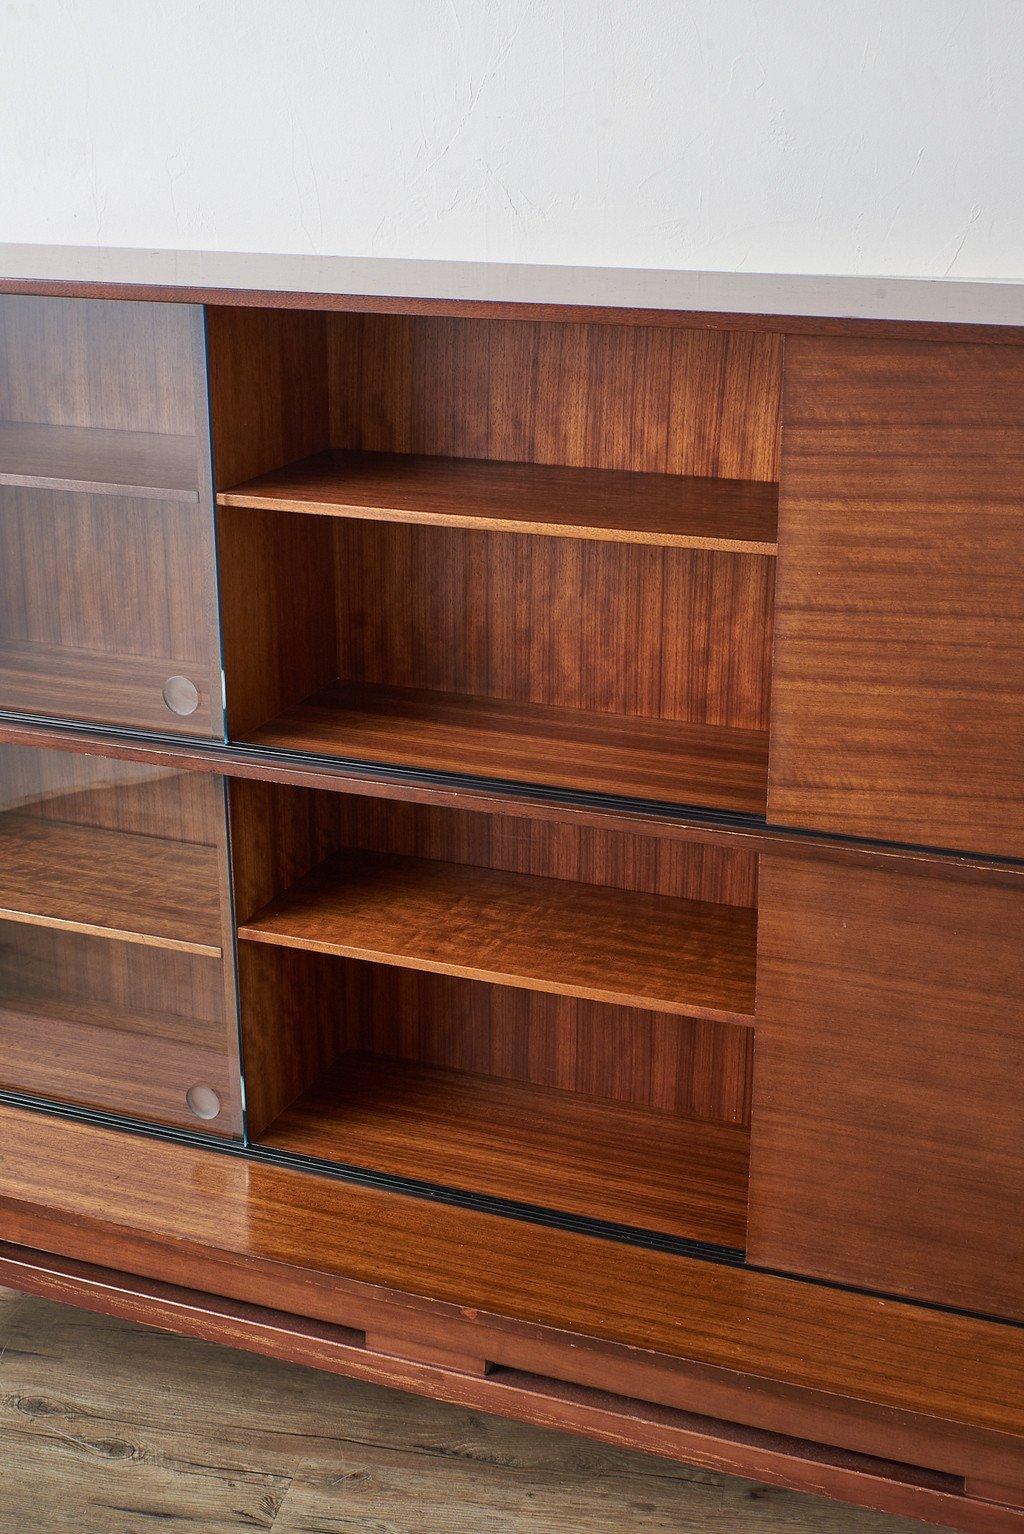 #35408 トールブックケース Tall Bookcase (61) コンディション画像 - 25